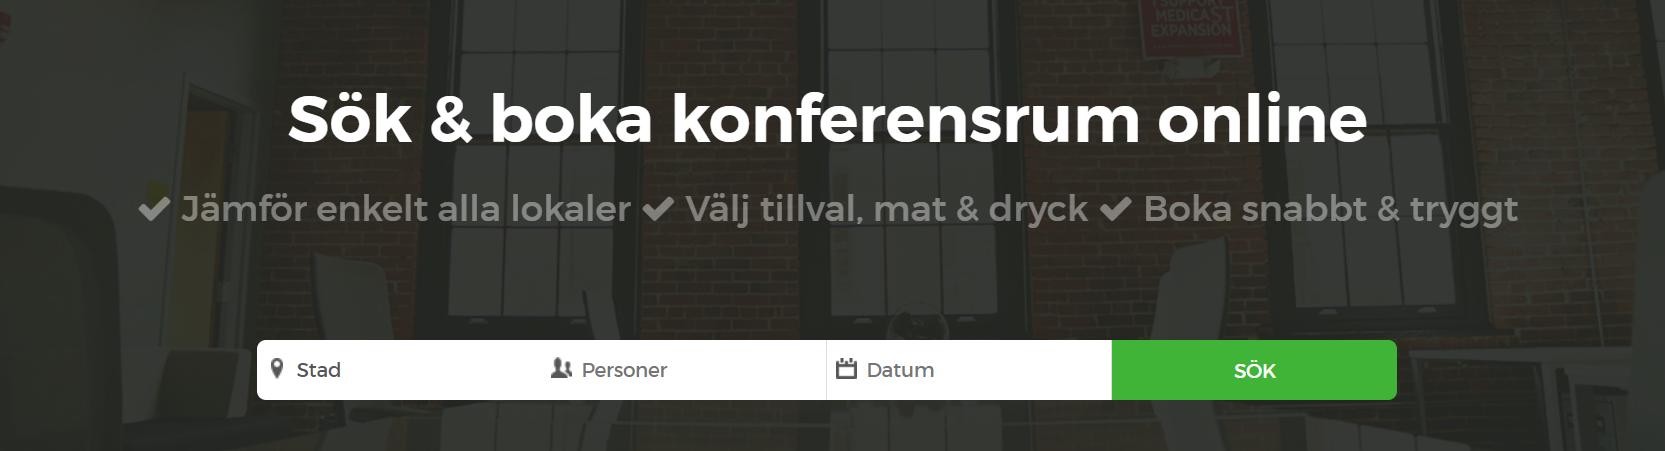 Bild bokningsmotor timetomeet.se